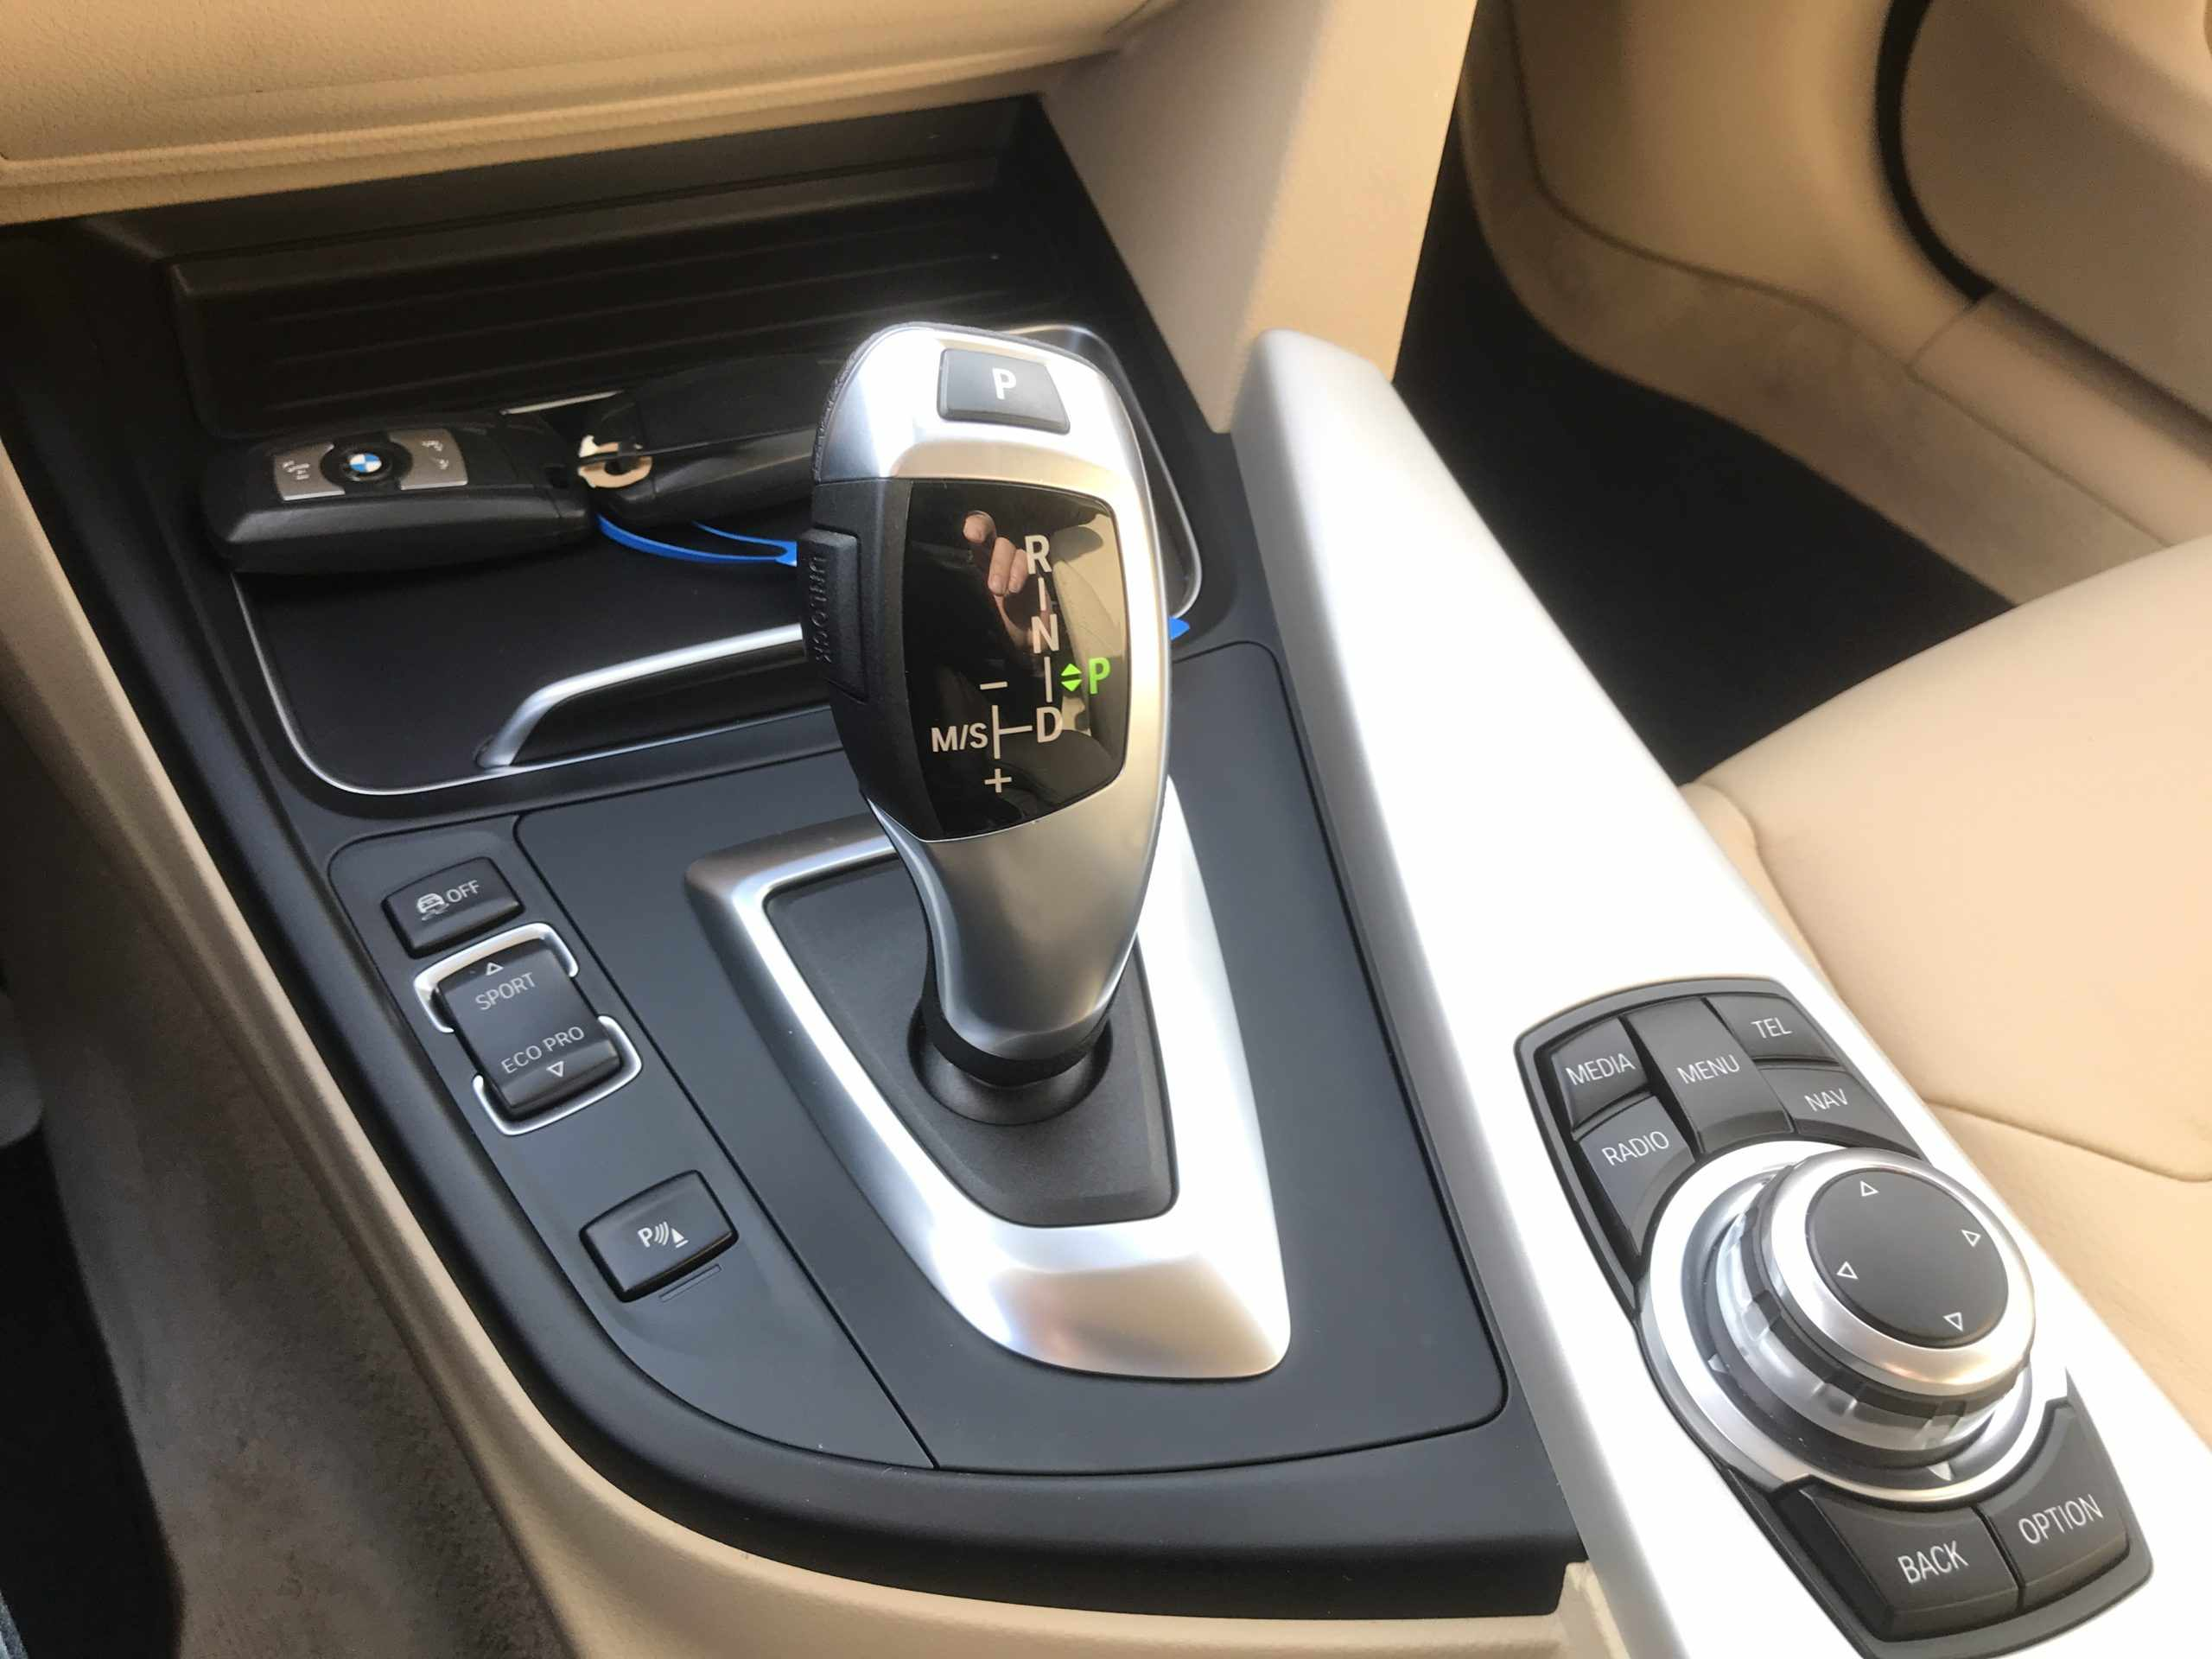 Bmw 418 gr coupé 19″ 2 jaar waarborg!!